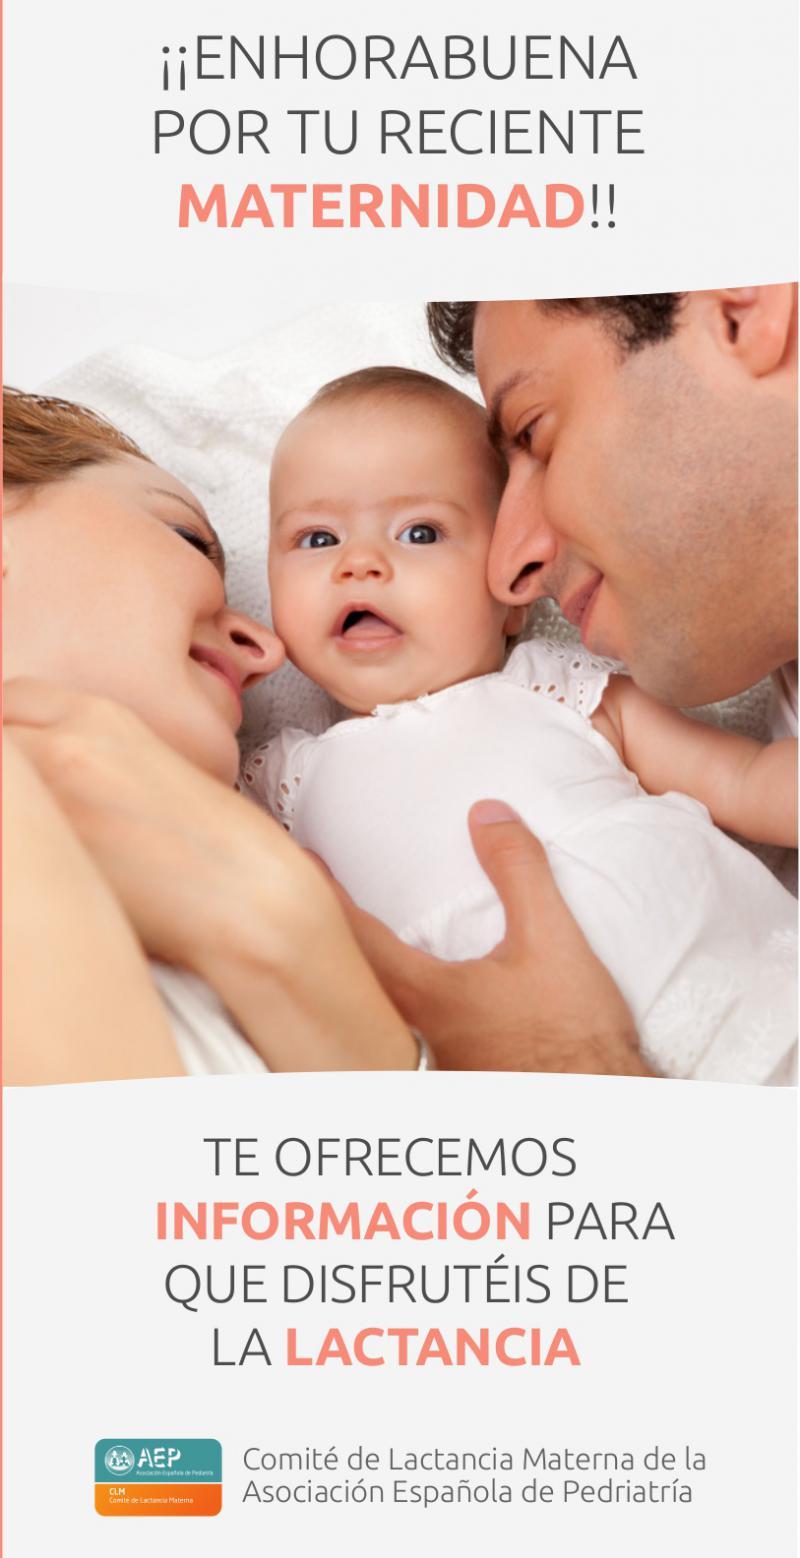 Iniciar la lactància materna